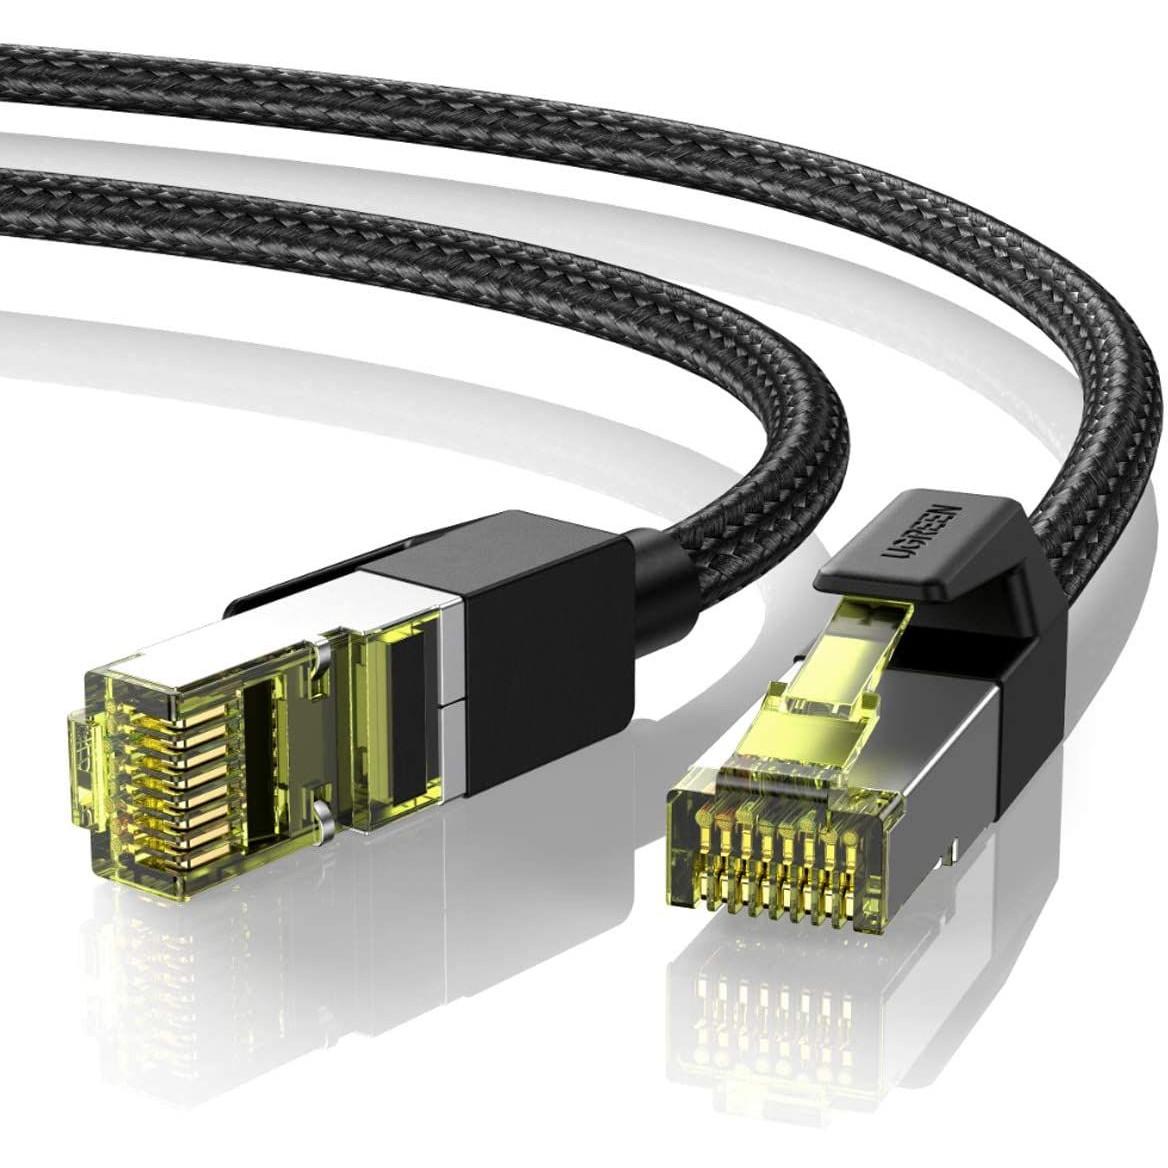 Cáp mạng 1M CAT7 OD5.5mm truyền dữ liệu giữa các máy tính Ugreen 80421  NW150 Hàng Chính Hãng